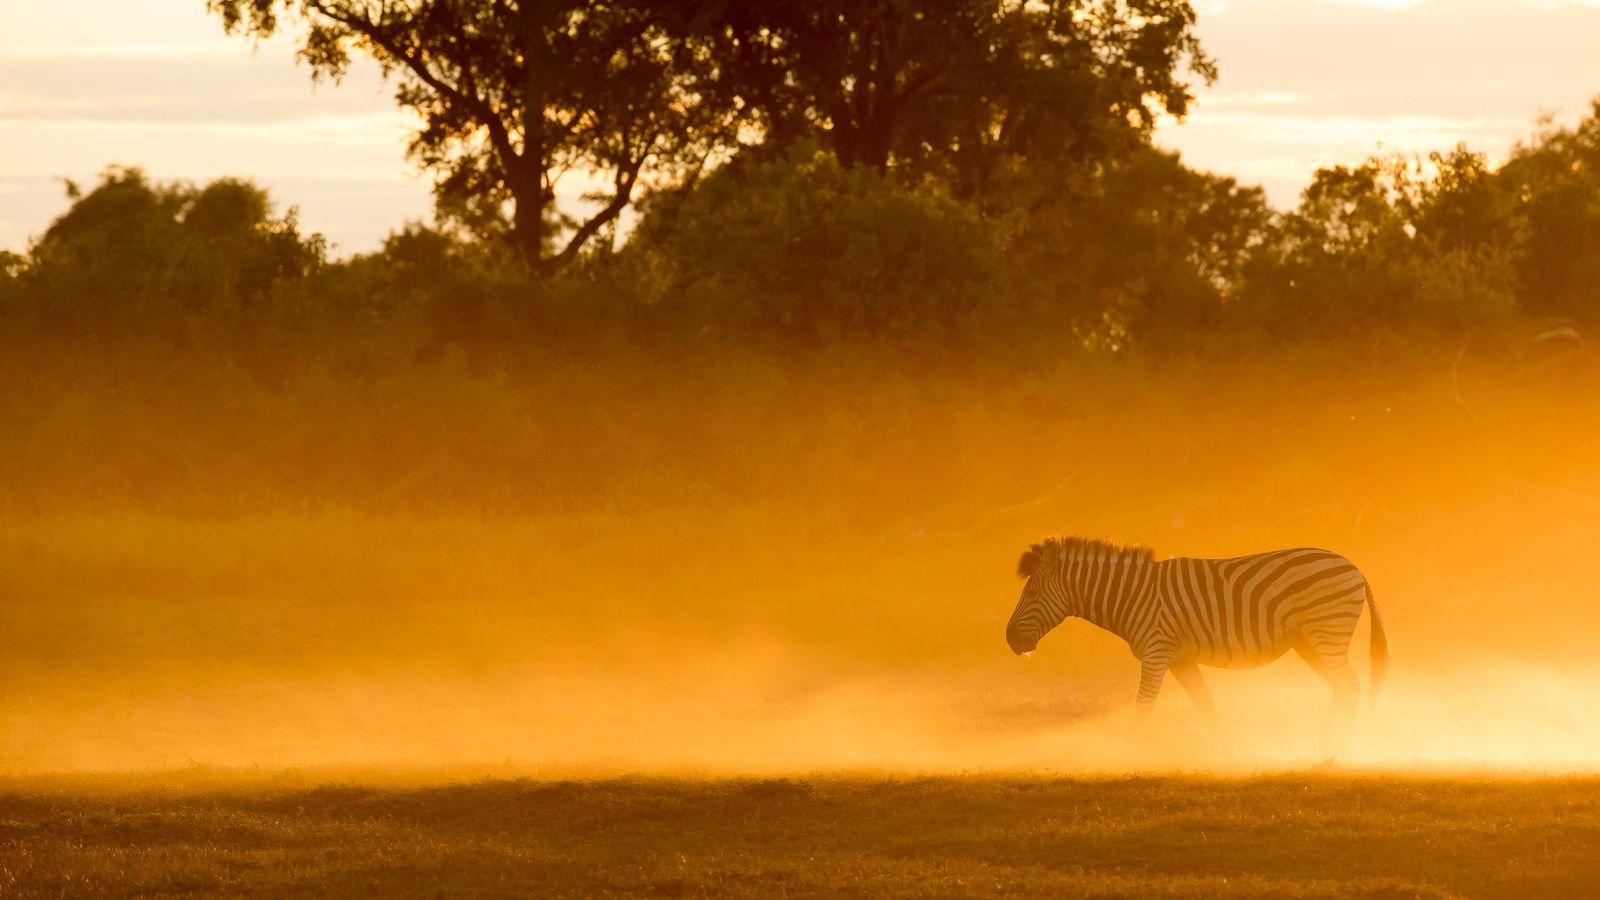 Le Royaume Sauvage revient pour une quatrième saison. Direction Mombo, dans le nord du Botswana, où ...